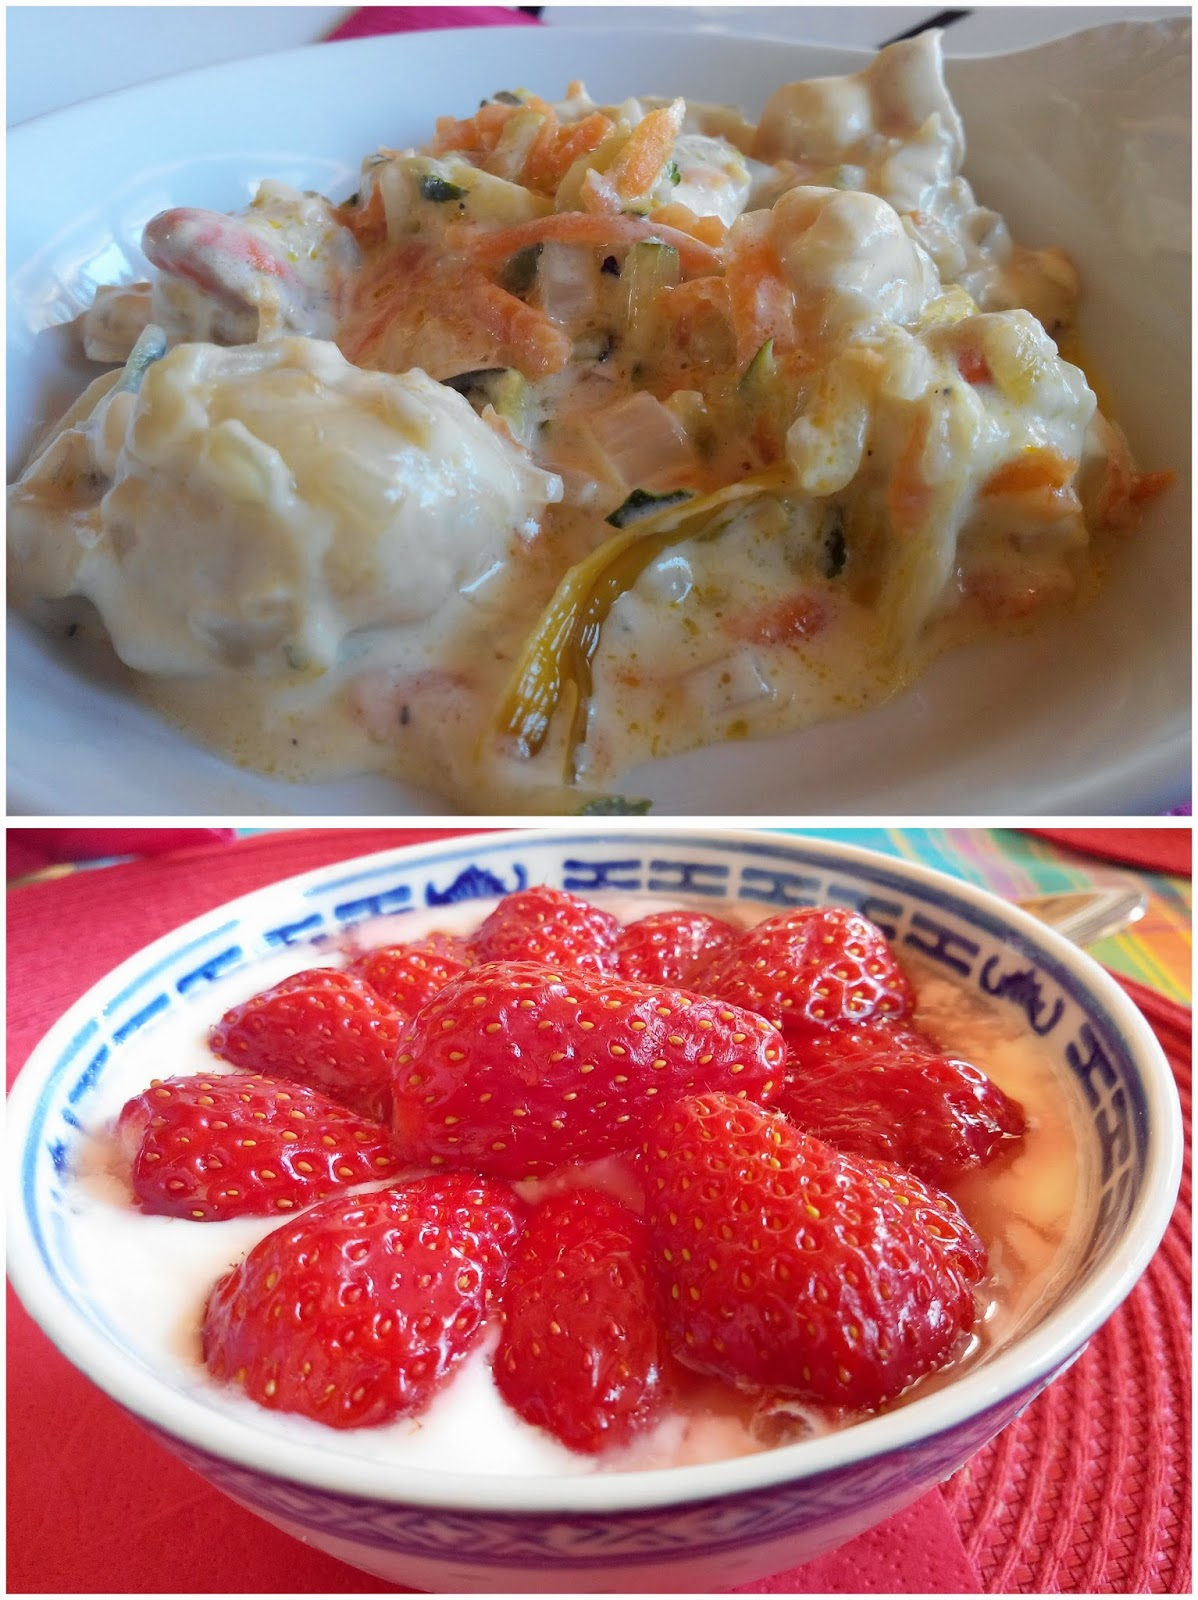 Pâques, St Jacques, fraise, food, bullelodie